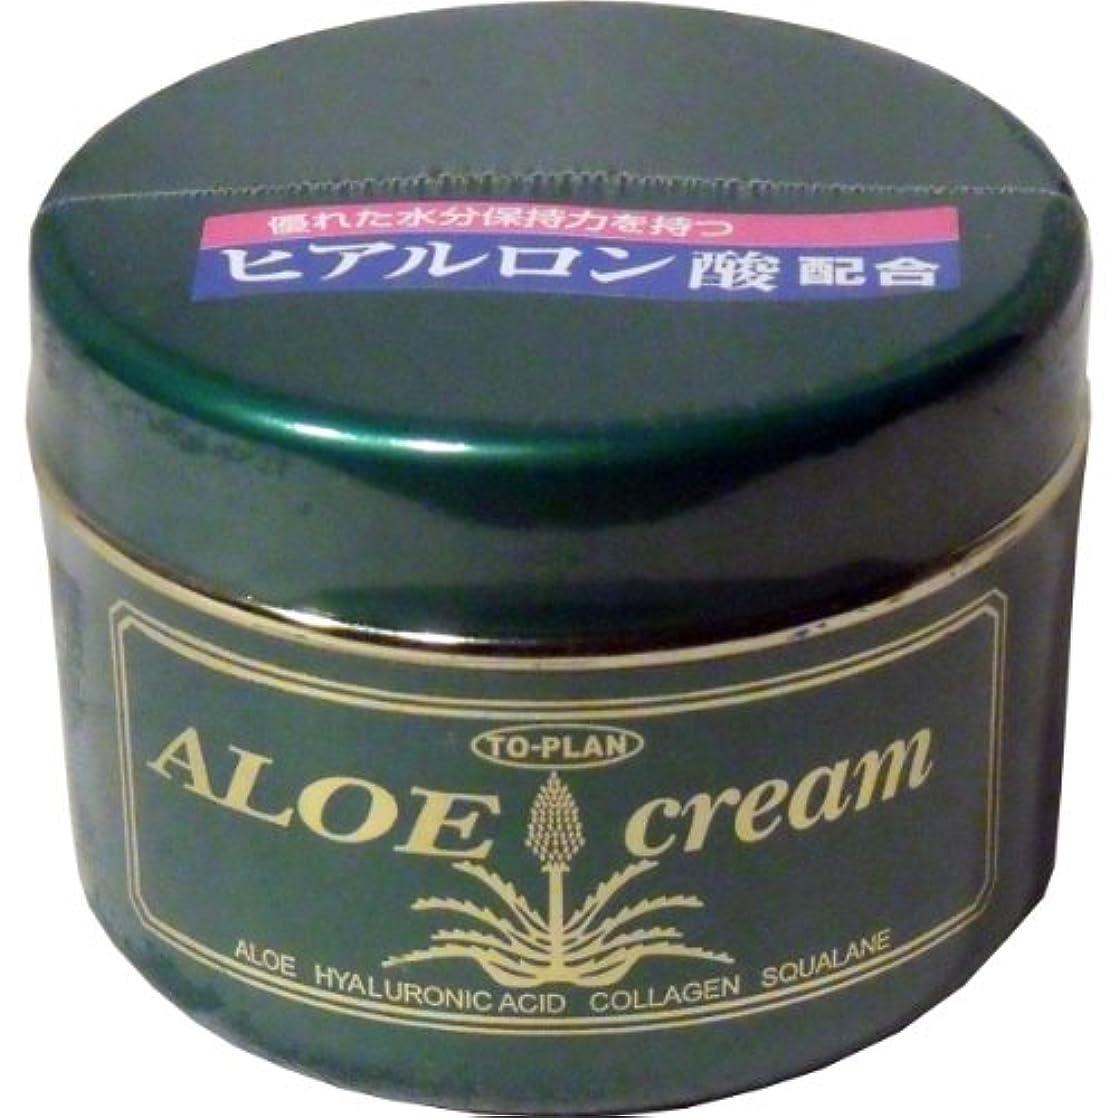 模索貫通報いるトプラン ハーブフレッシュクリーム(アロエクリーム) ヒアルロン酸 170g ×6個セット